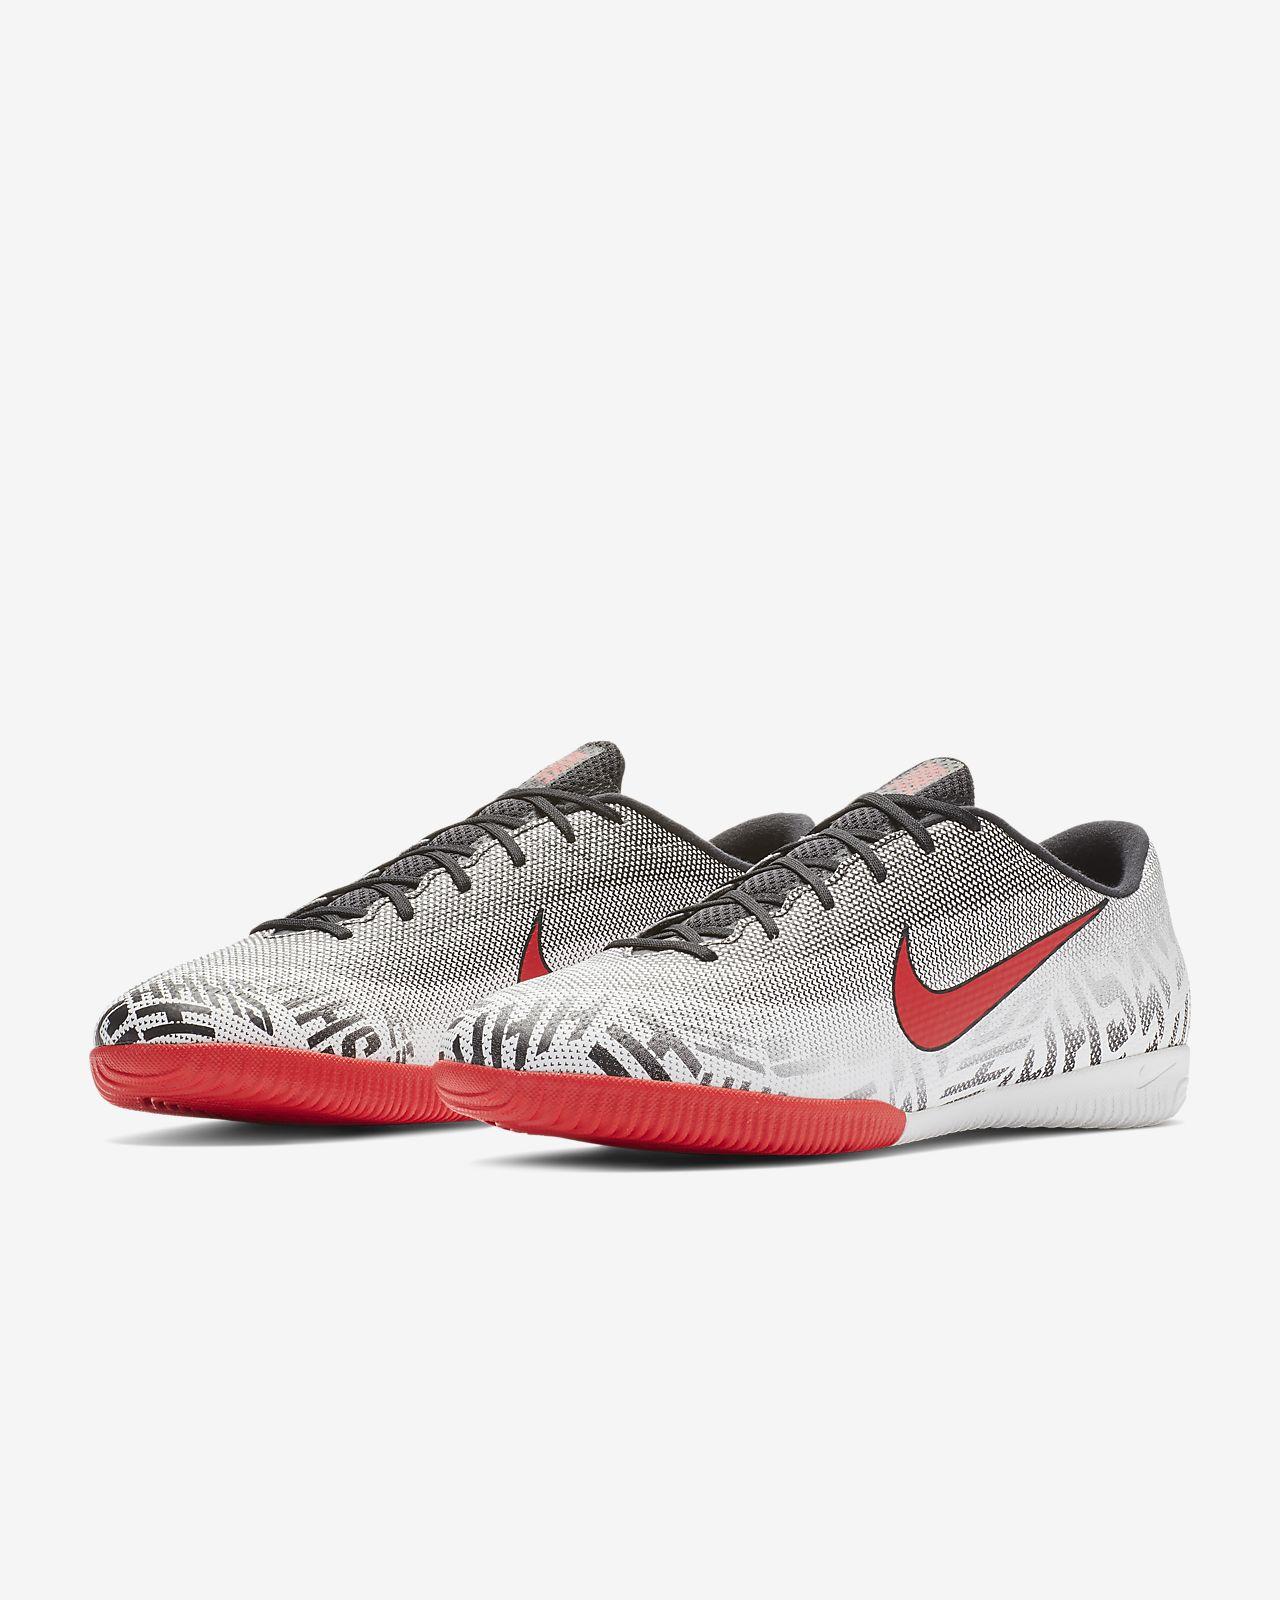 info for 924b7 dce7b ... Chaussure de football en salle Nike Mercurial Vapor XII Academy Neymar  Jr